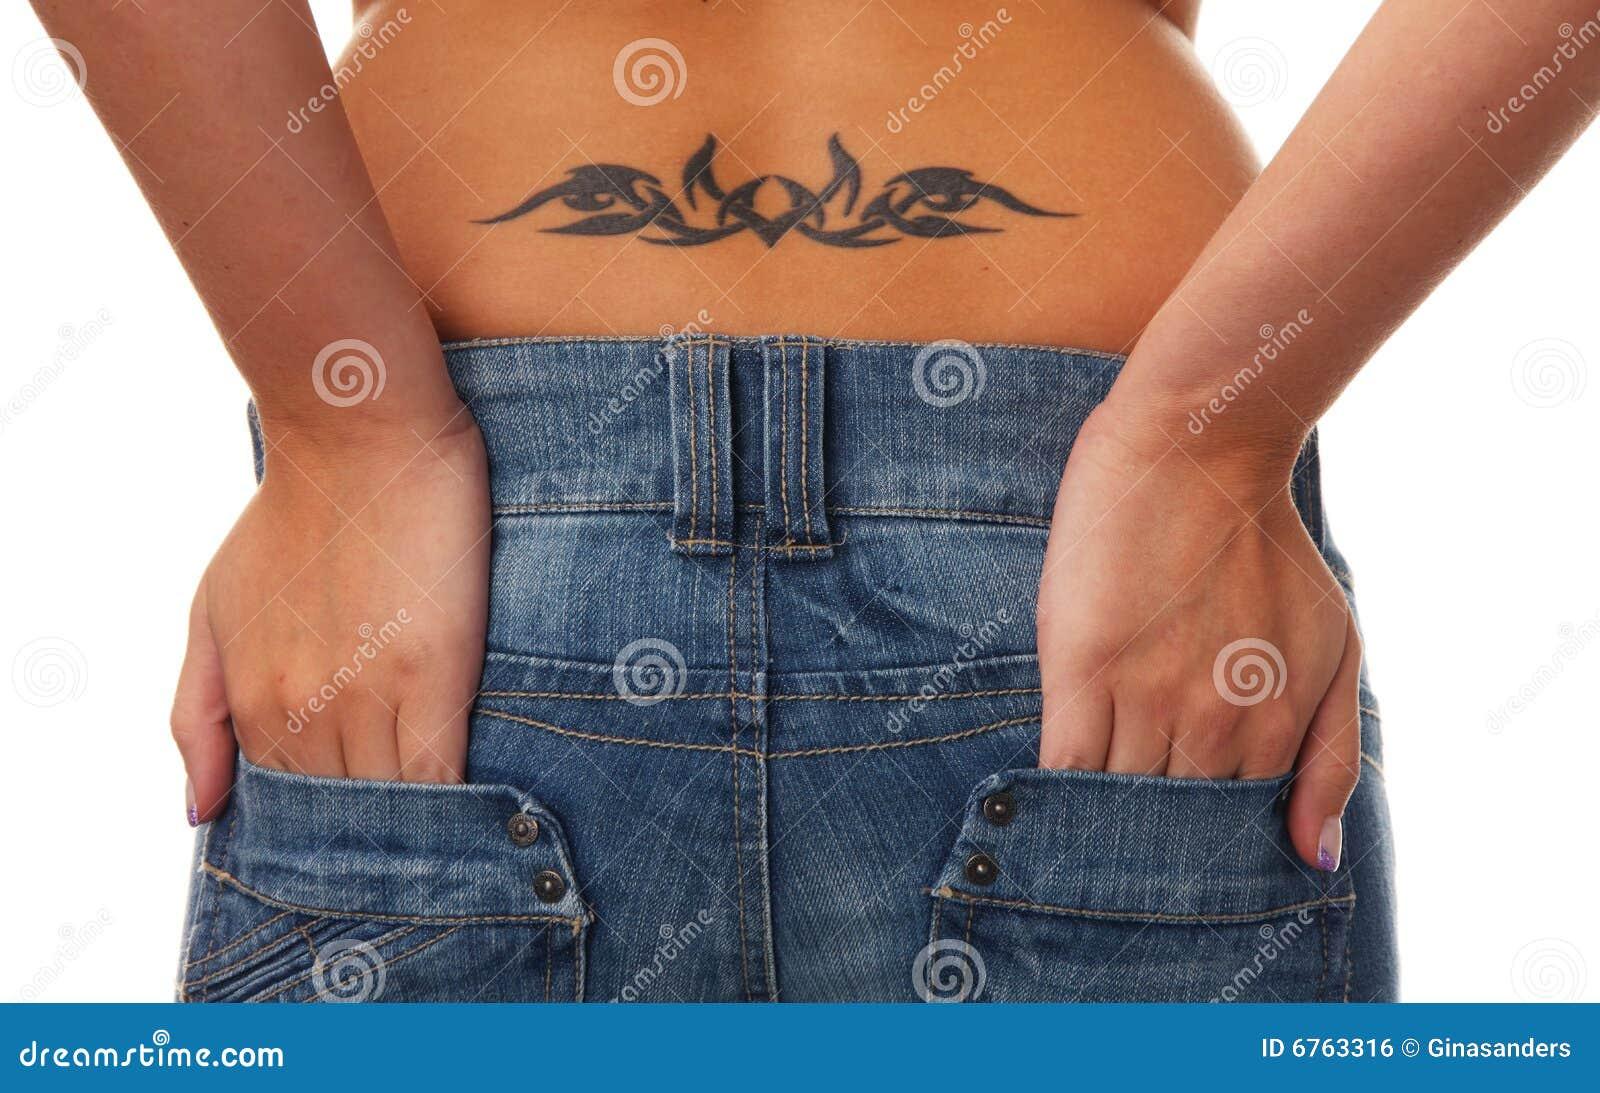 Татуировки на поясницу для девушек фото 25 фотография